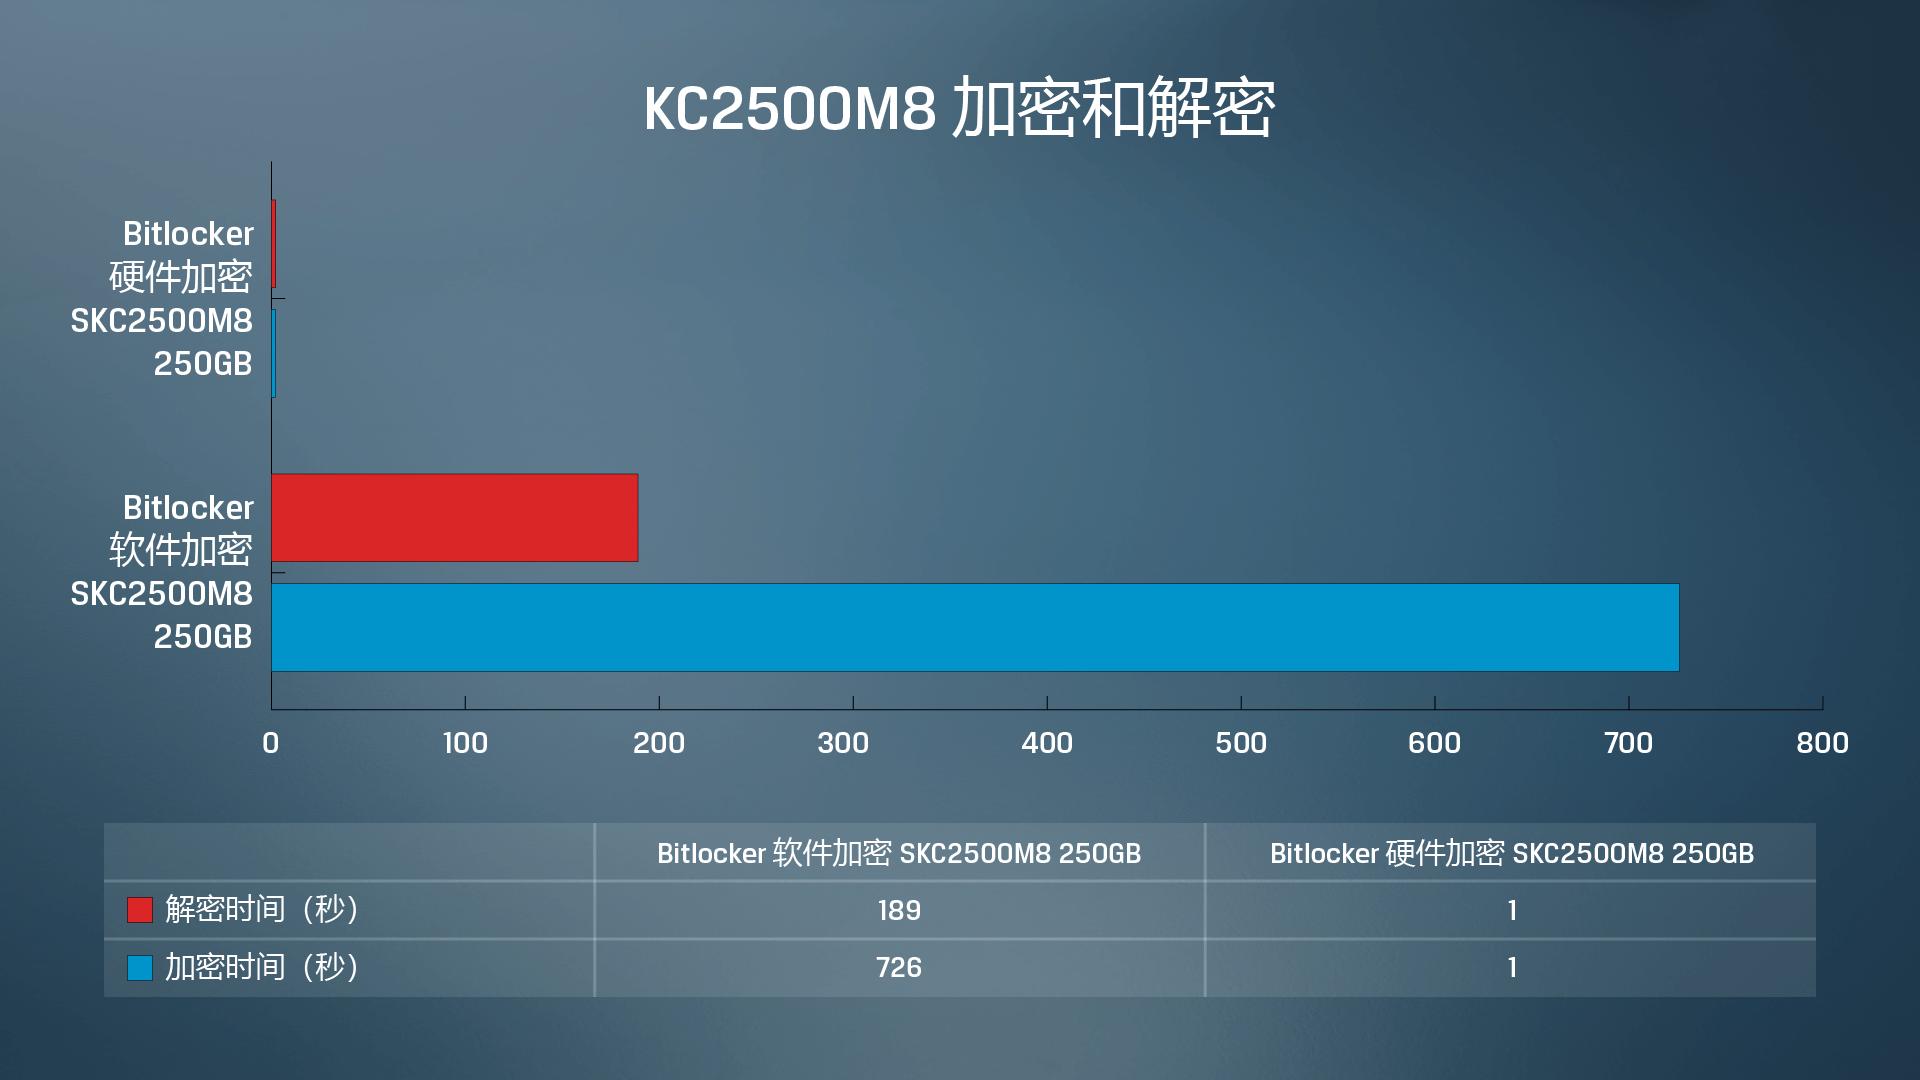 金士顿 KC2500 固态硬盘软件与硬件加密和解密数据测试结果